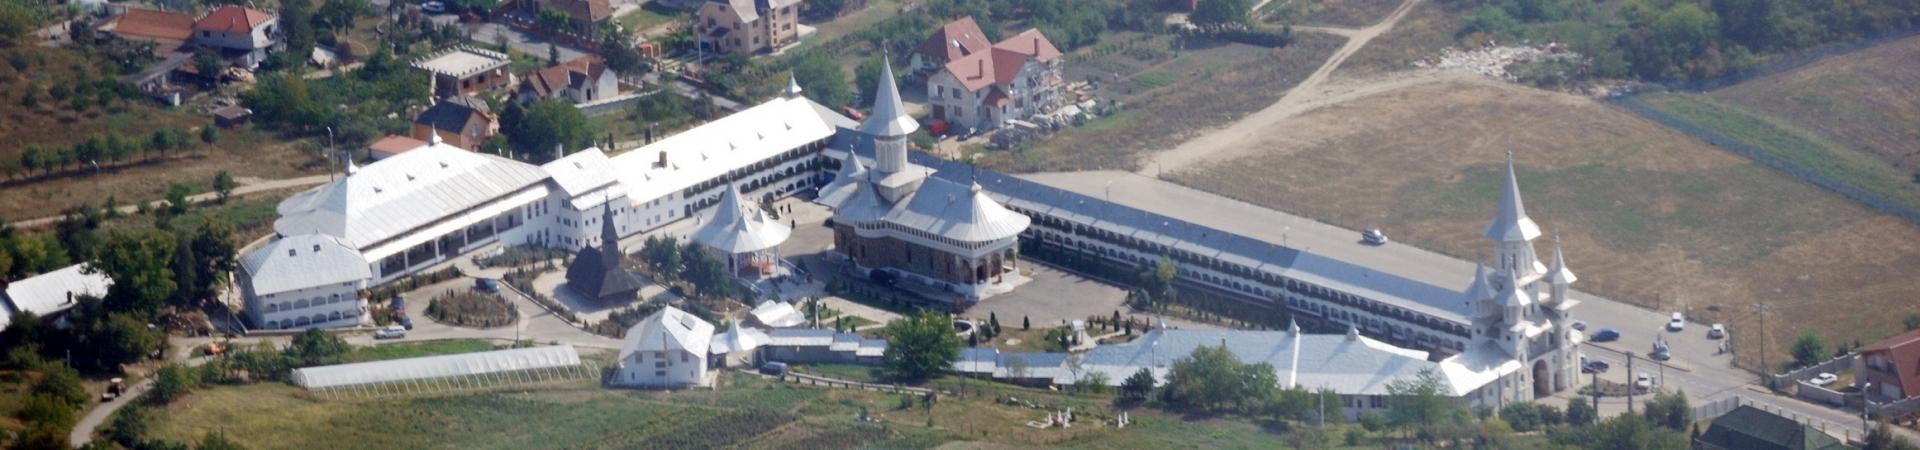 Complexul monahal Mănăstirea Sfintei Cruci Oradea